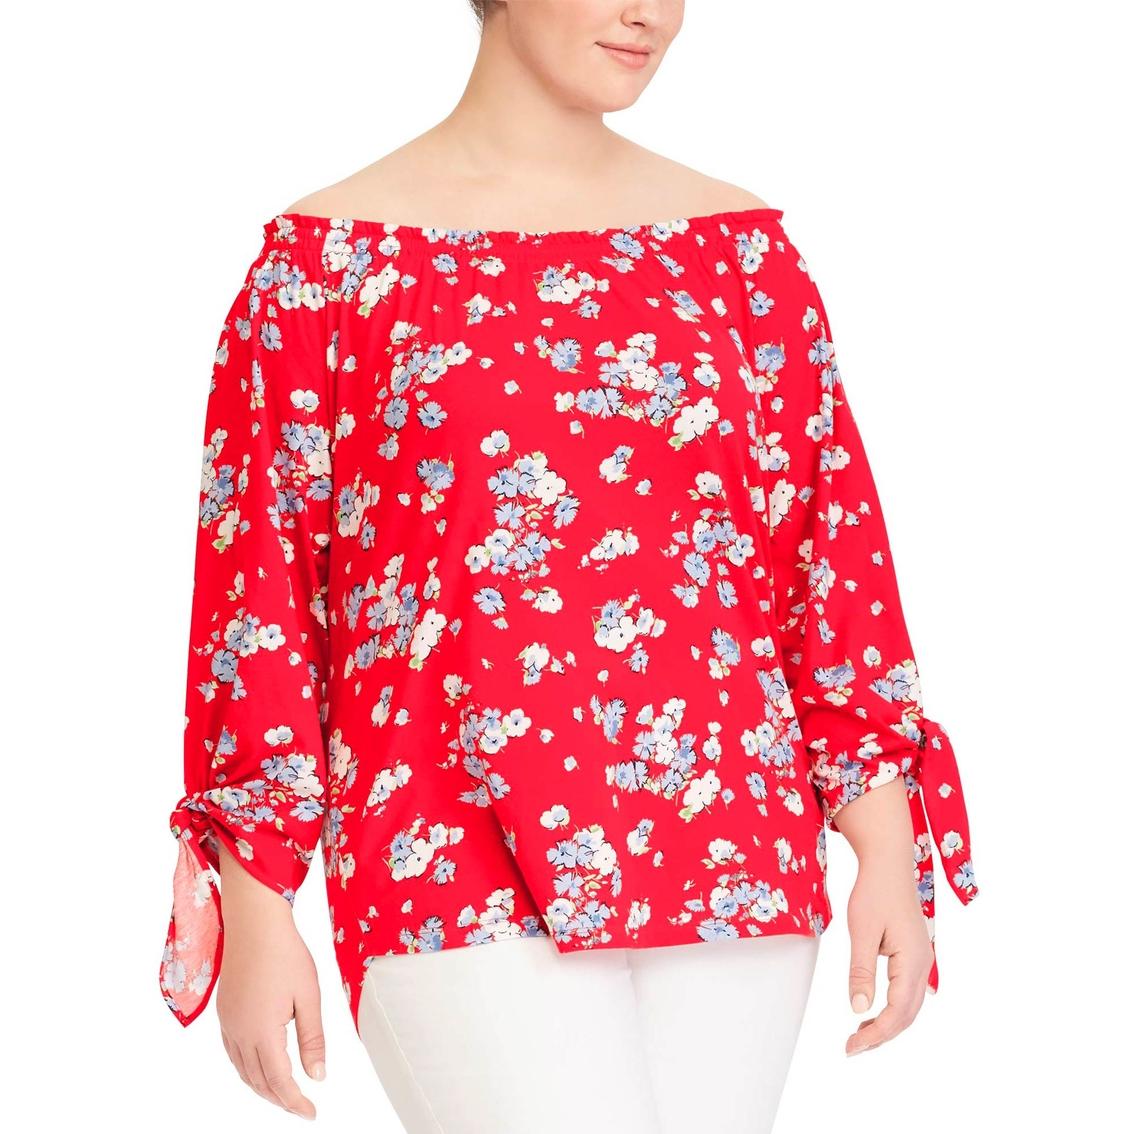 5f16a153422232 Lauren Ralph Lauren Plus Size Floral Jersey Off-the-shoulder Top ...